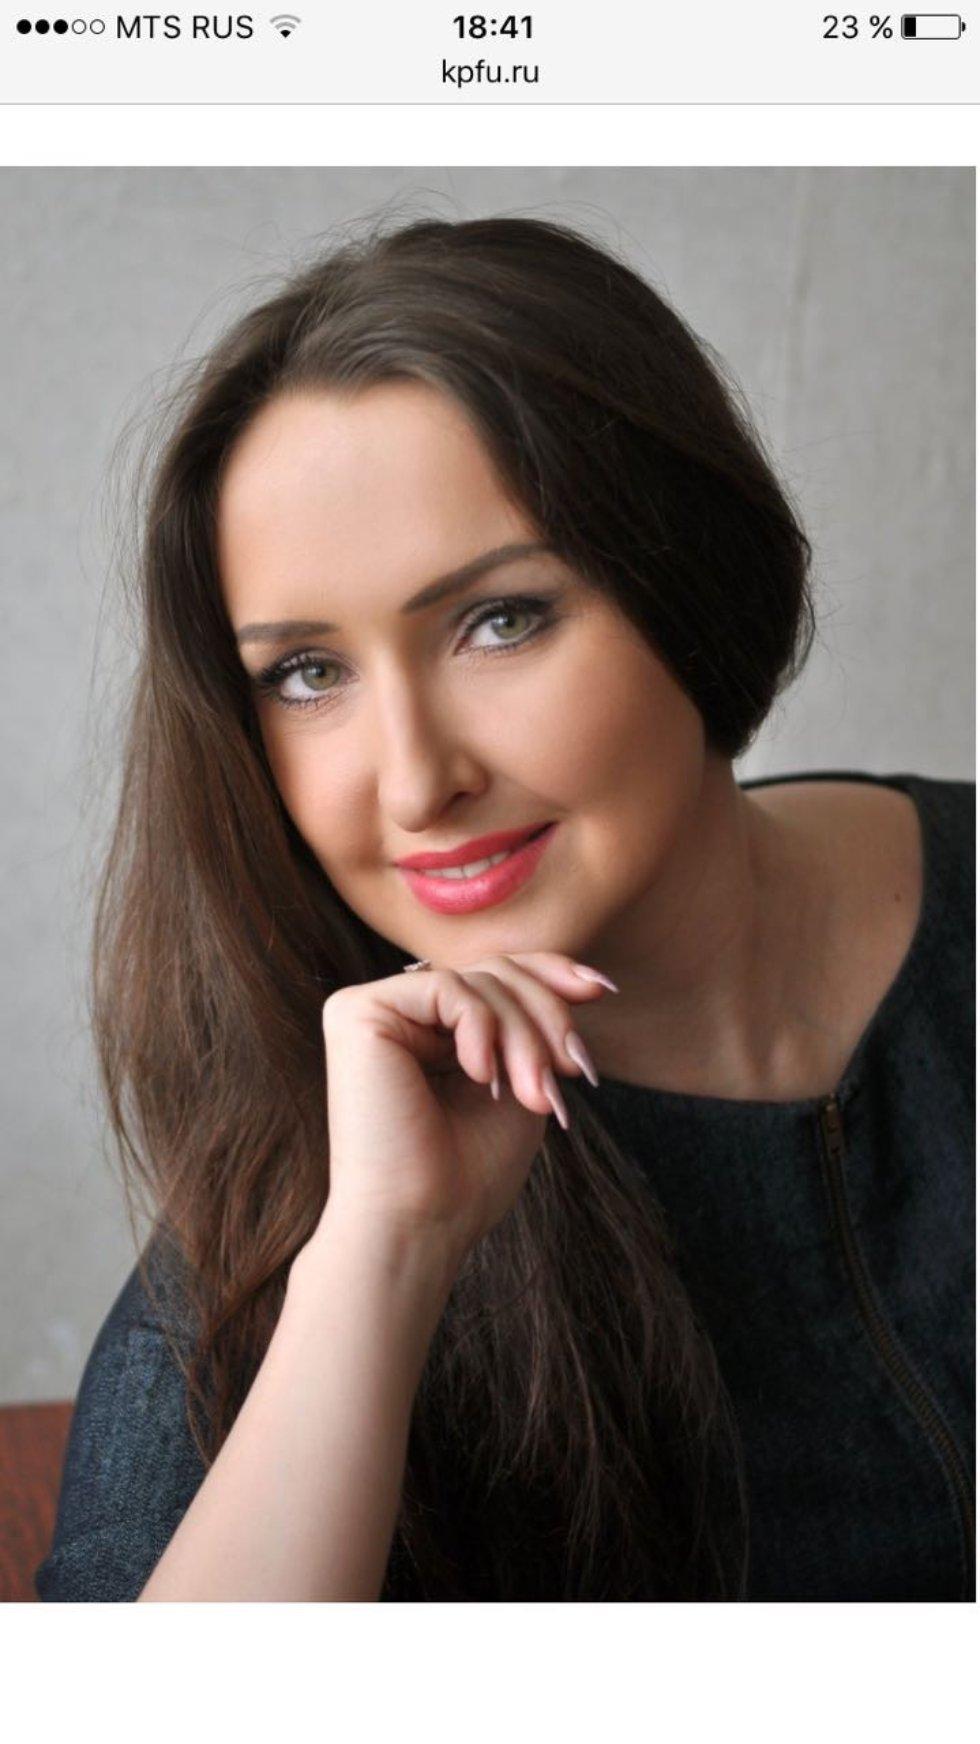 Валиуллина Ксения Борисовна